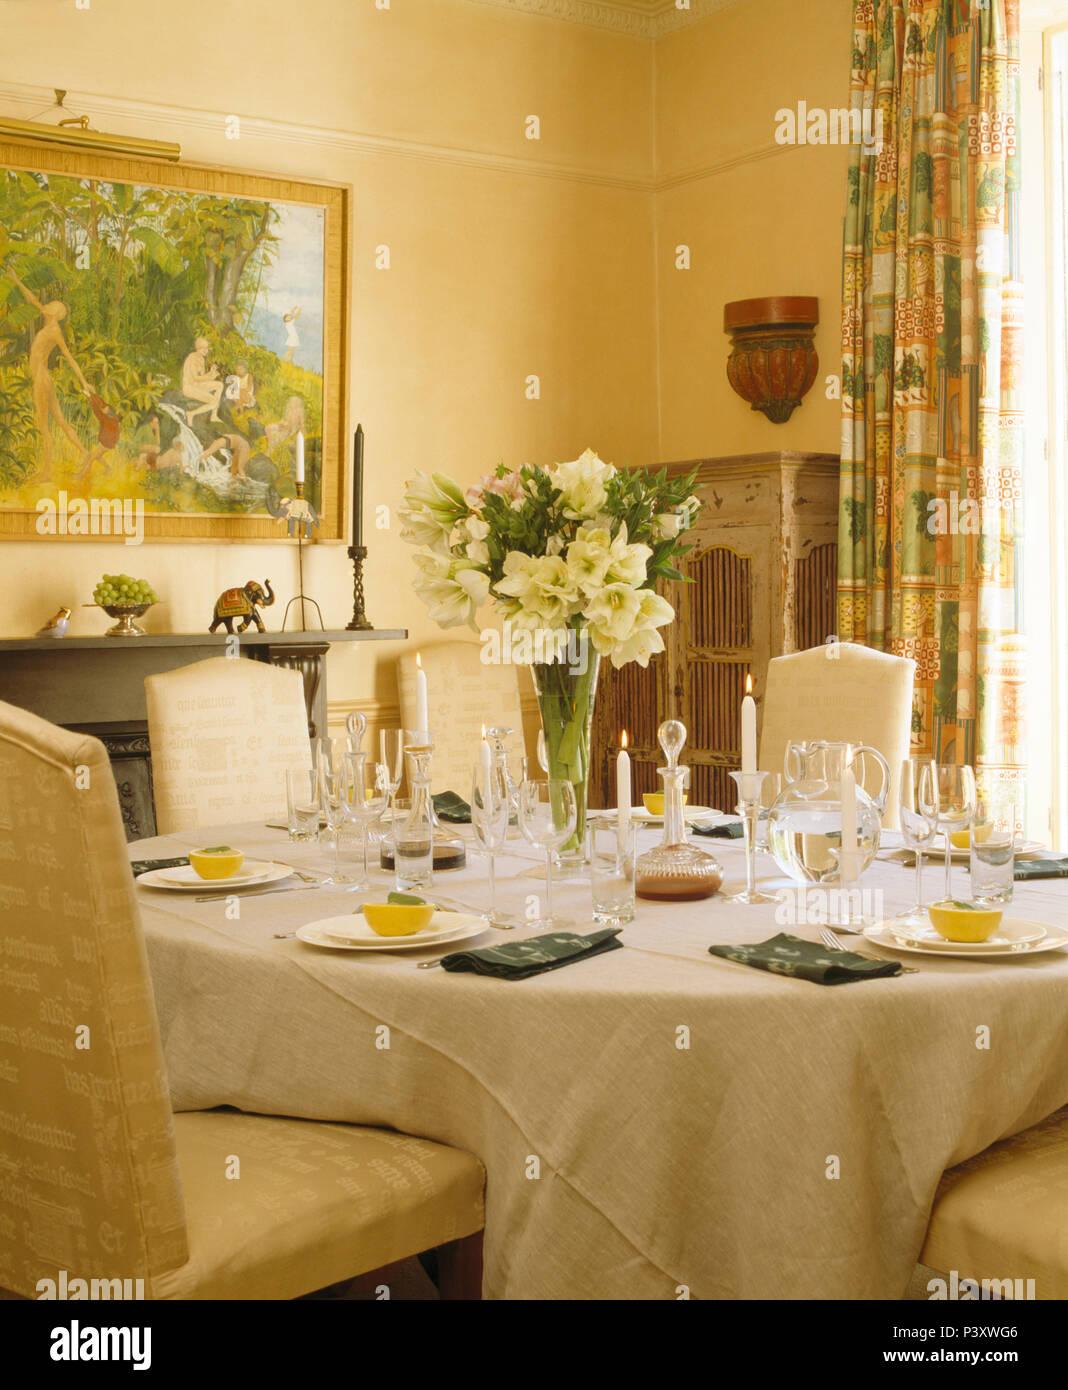 Vase Mit Creme Blumen Auf Den Tisch Fur Das Mittagessen Mit Leinen